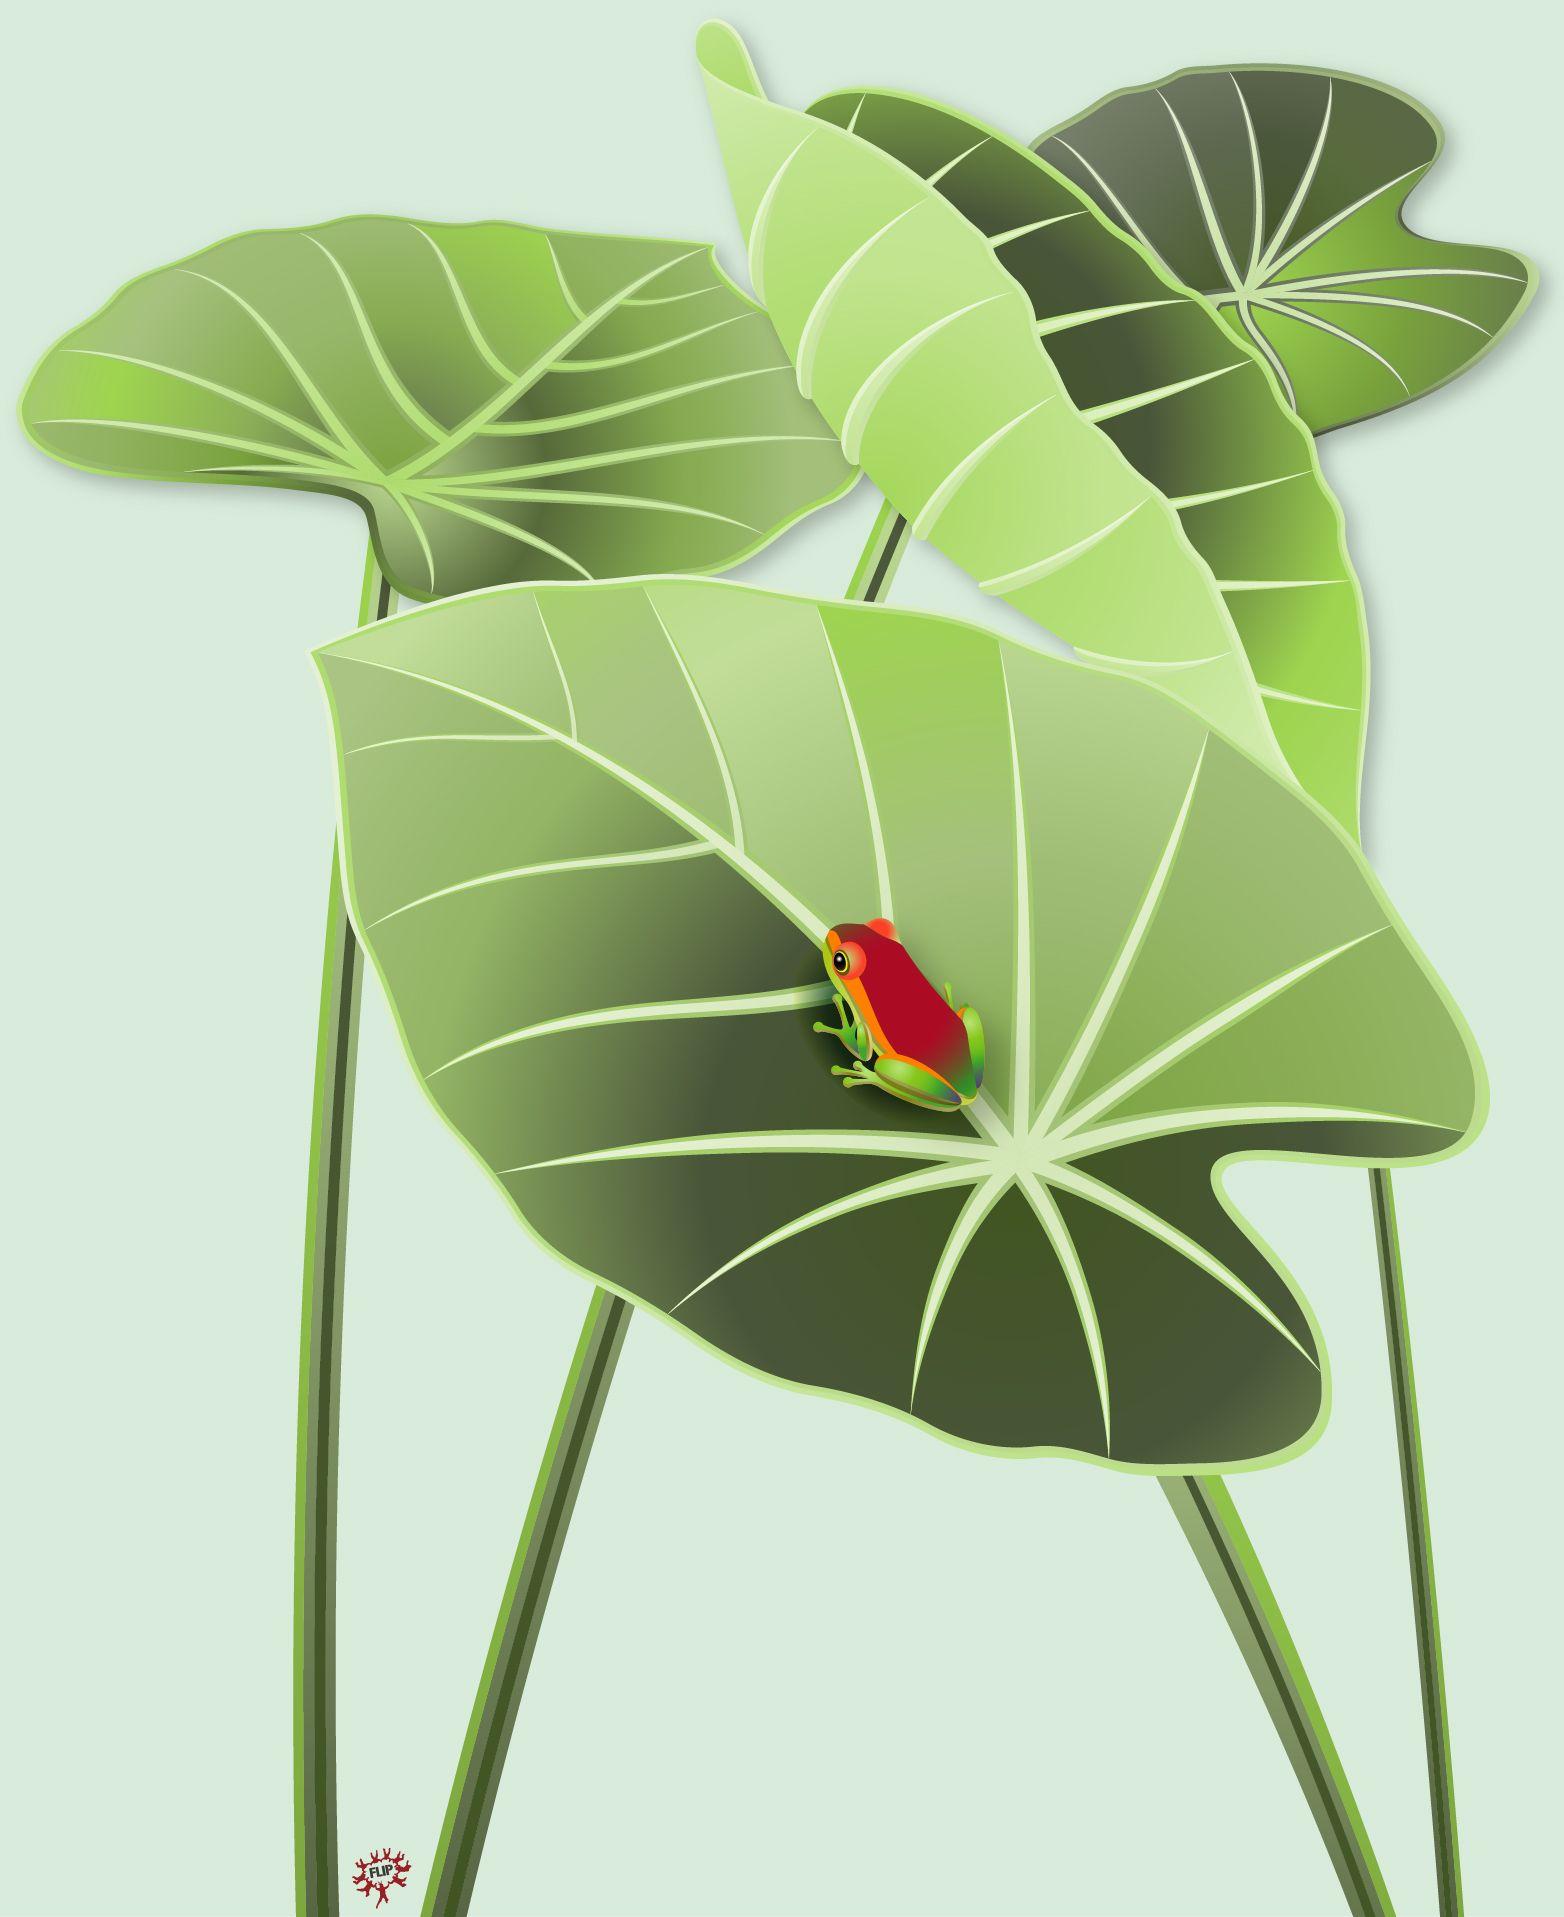 Diseño de rana roja entre hojas verdes. Una de las especies más ...